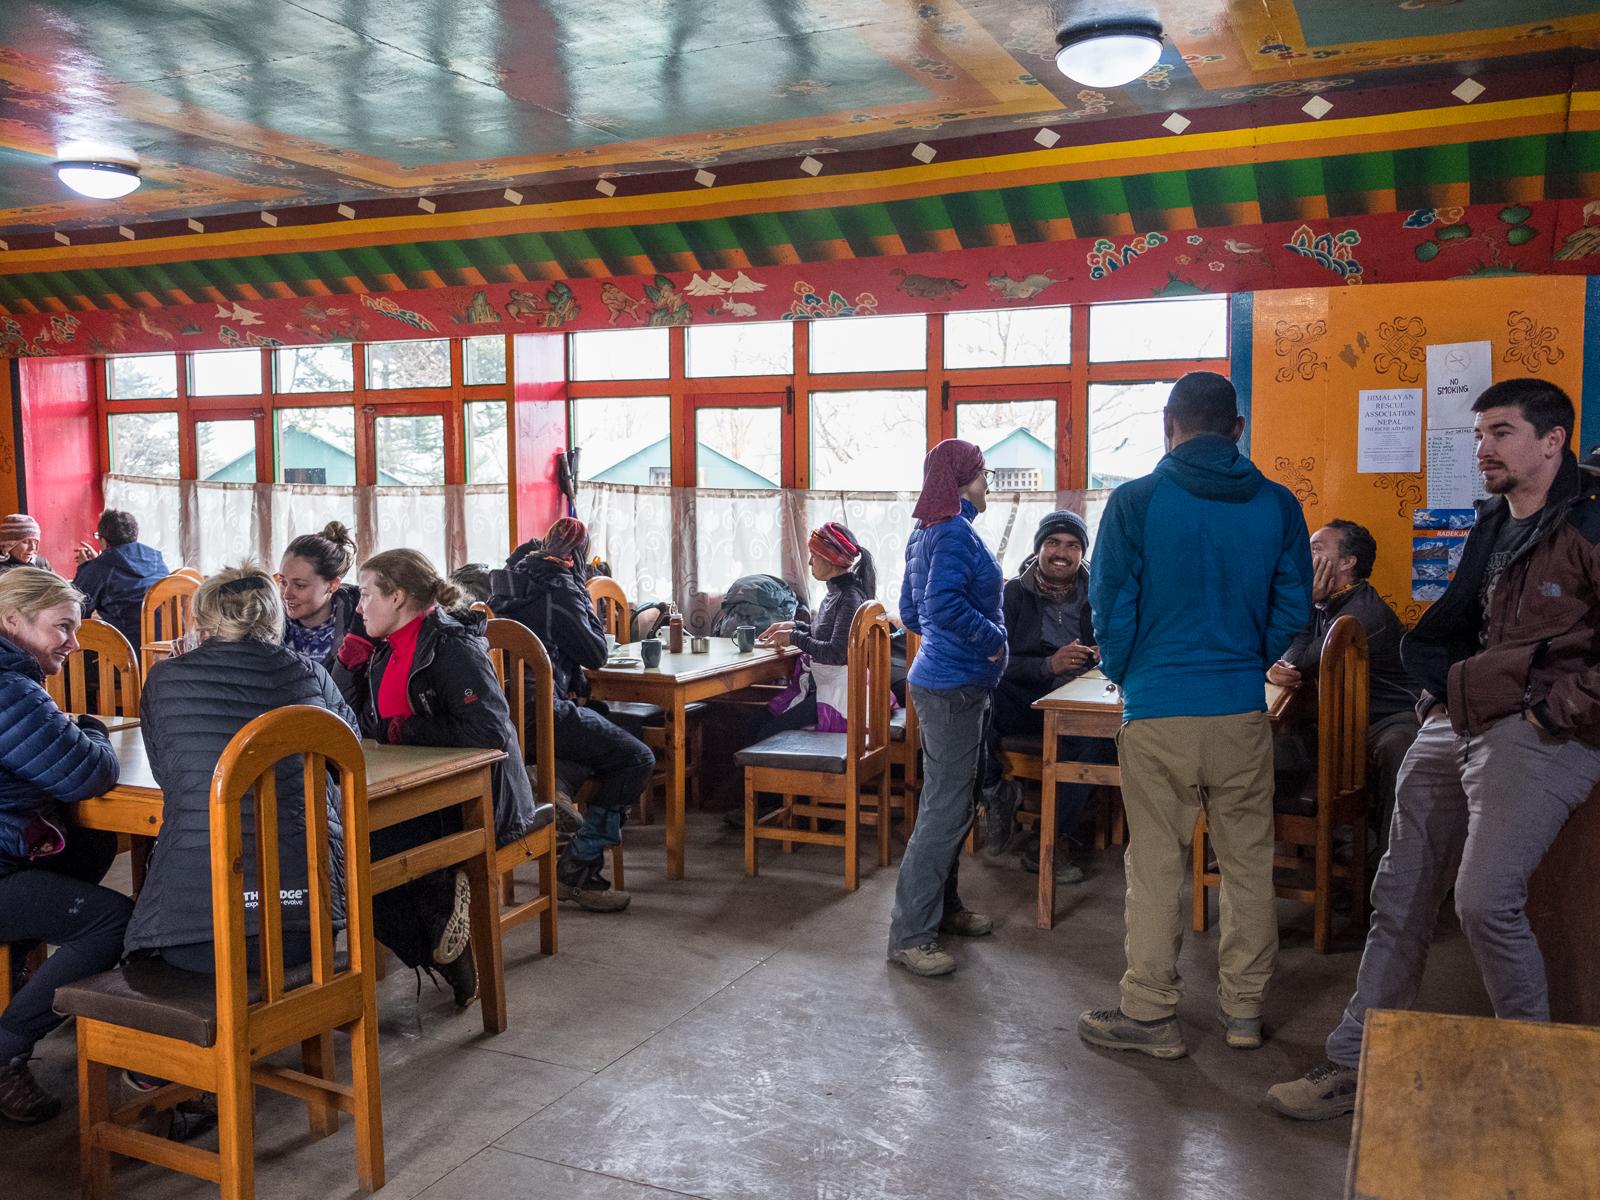 Trekkers warming up inside Cafe Tengboche, Tengboche, Nepal.